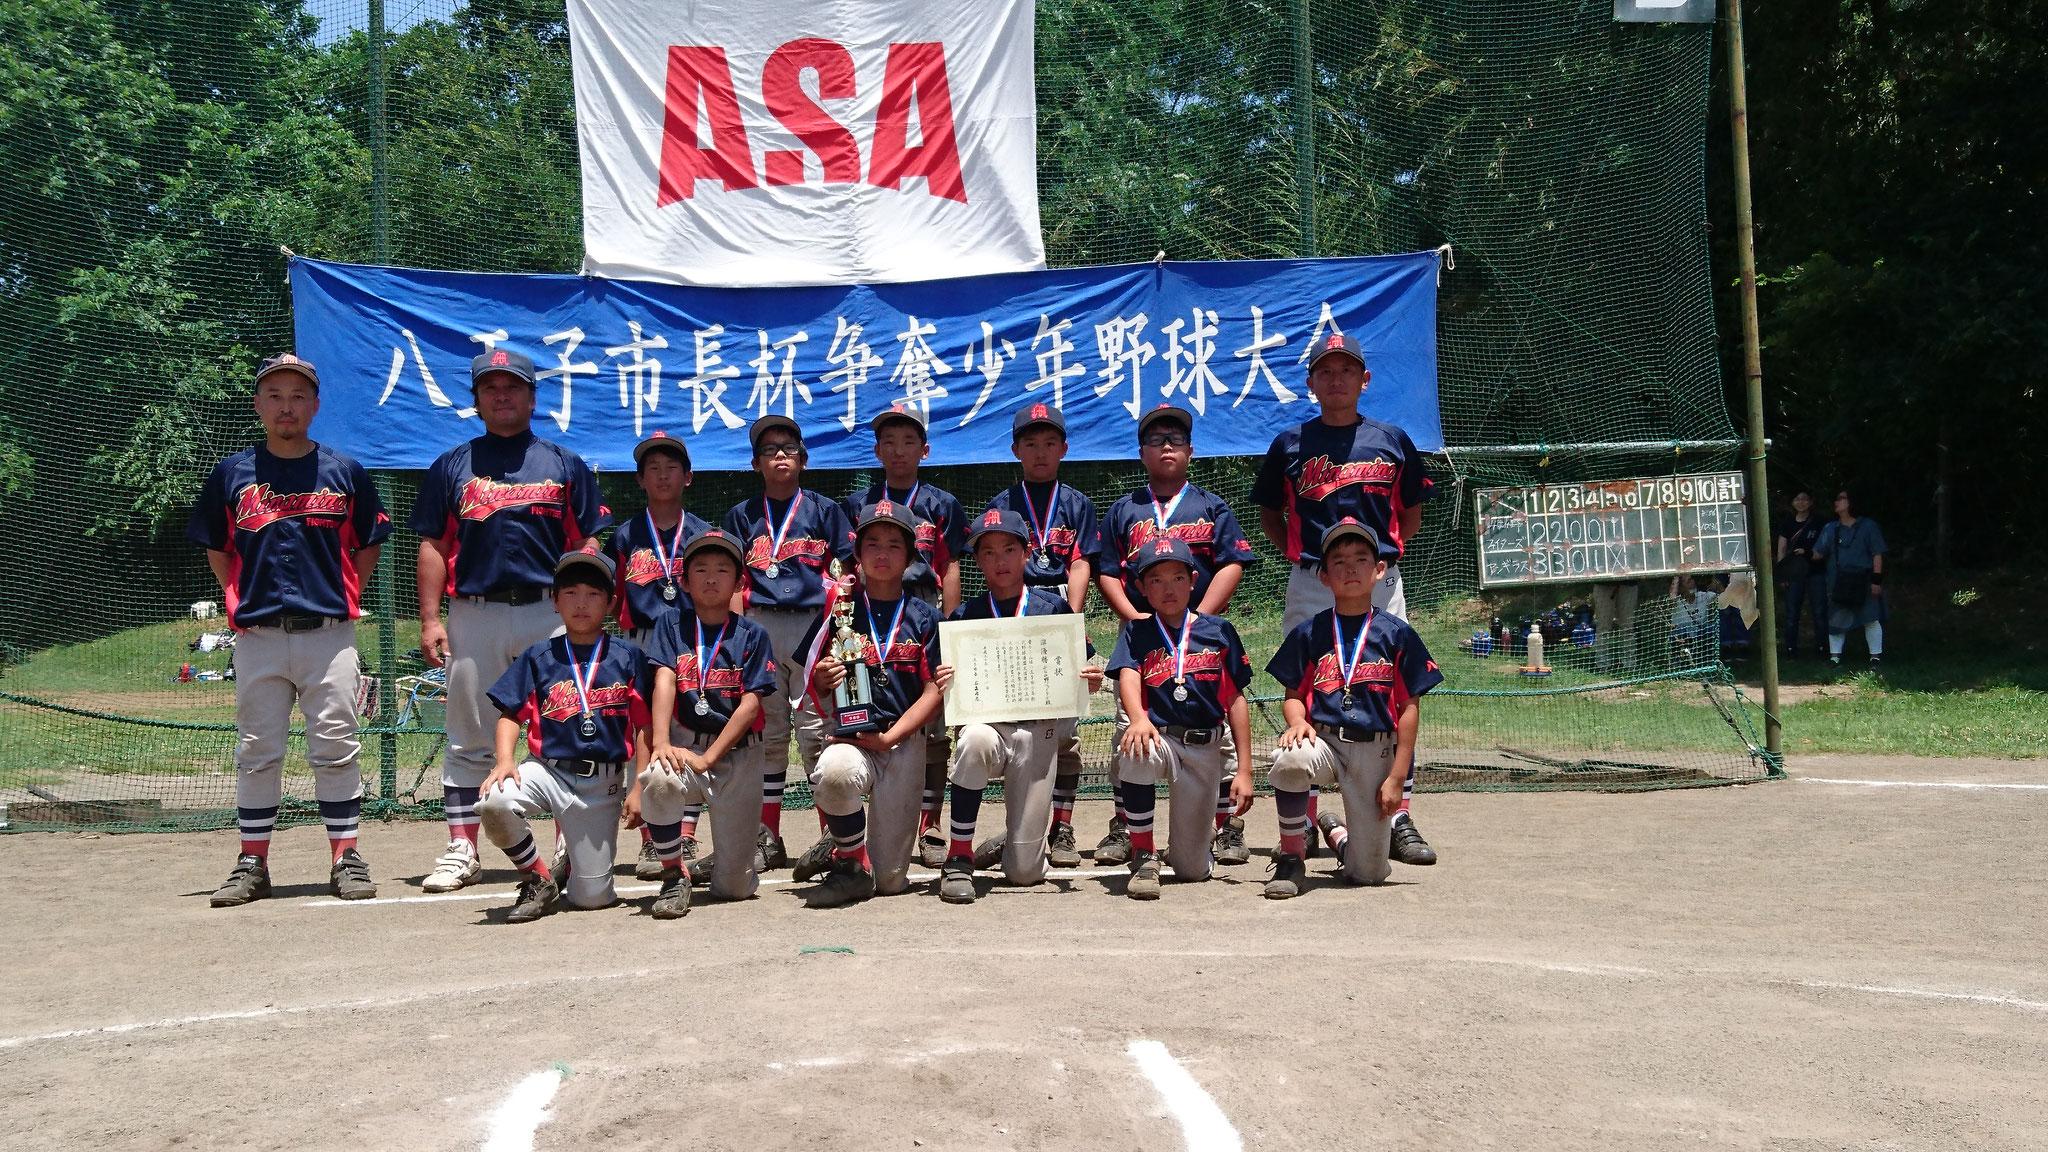 第25回市長杯争奪少年野球大会・準優勝  みなみ野ファイターズ 平成30年7月1日